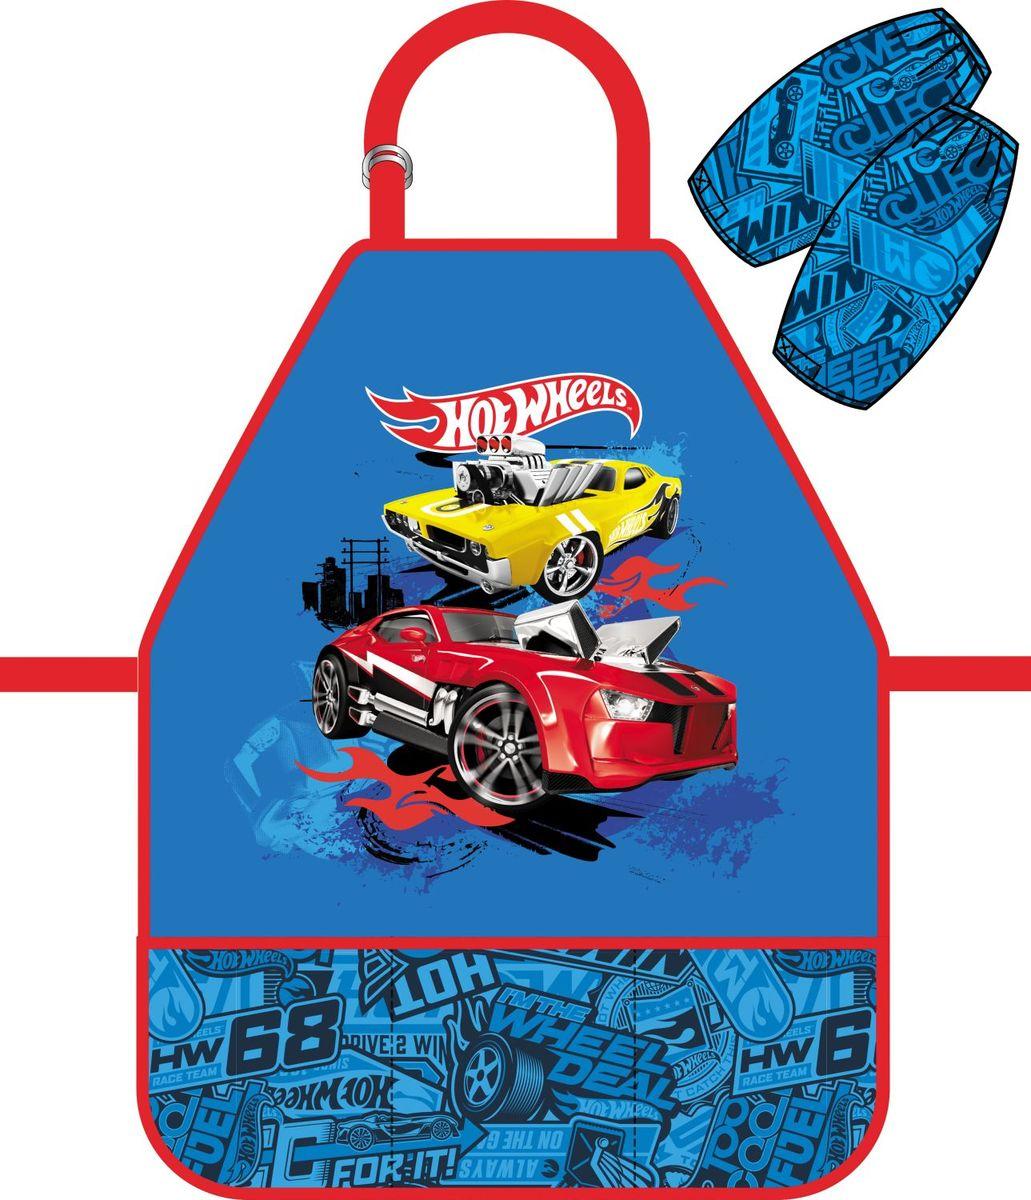 Erich Krause ФартукHot Wheels Super Car с нарукавниками39758фартук для детского творчества с нарукавниками. Нарукавники на липучках-фиксаторах. Легкая ткань с водоотталкивающей пропиткой. Фартук дополнен тремя кармашками.